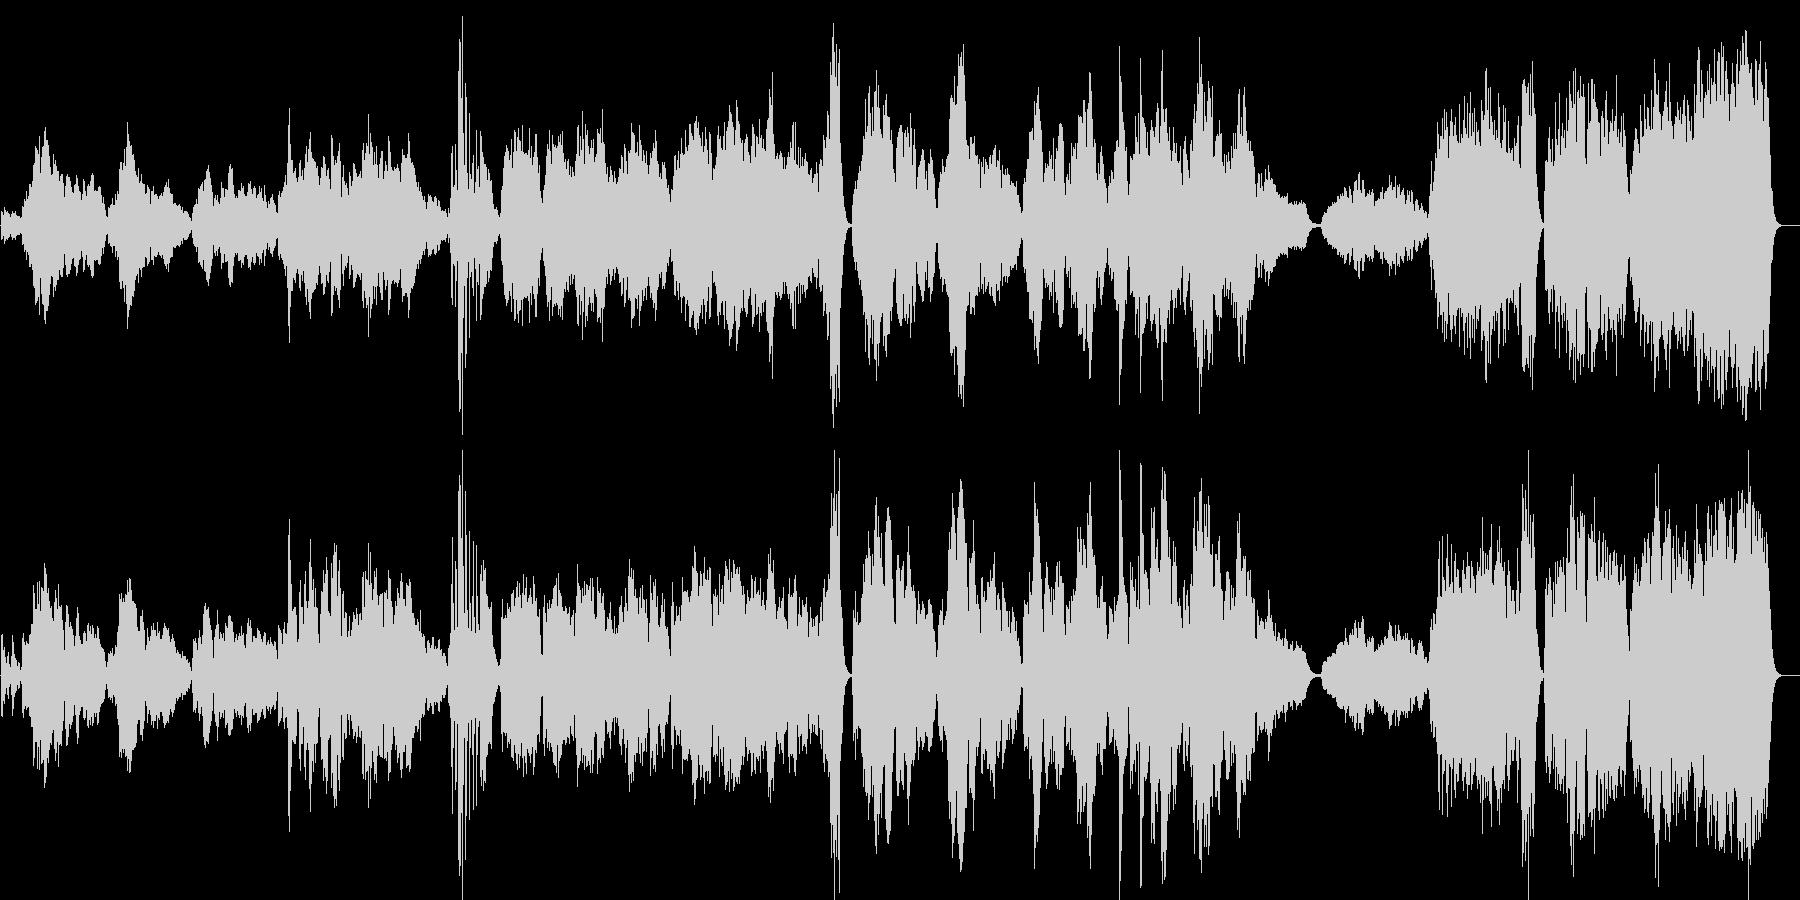 ハチャトゥリアン風のオーケストラワルツの未再生の波形